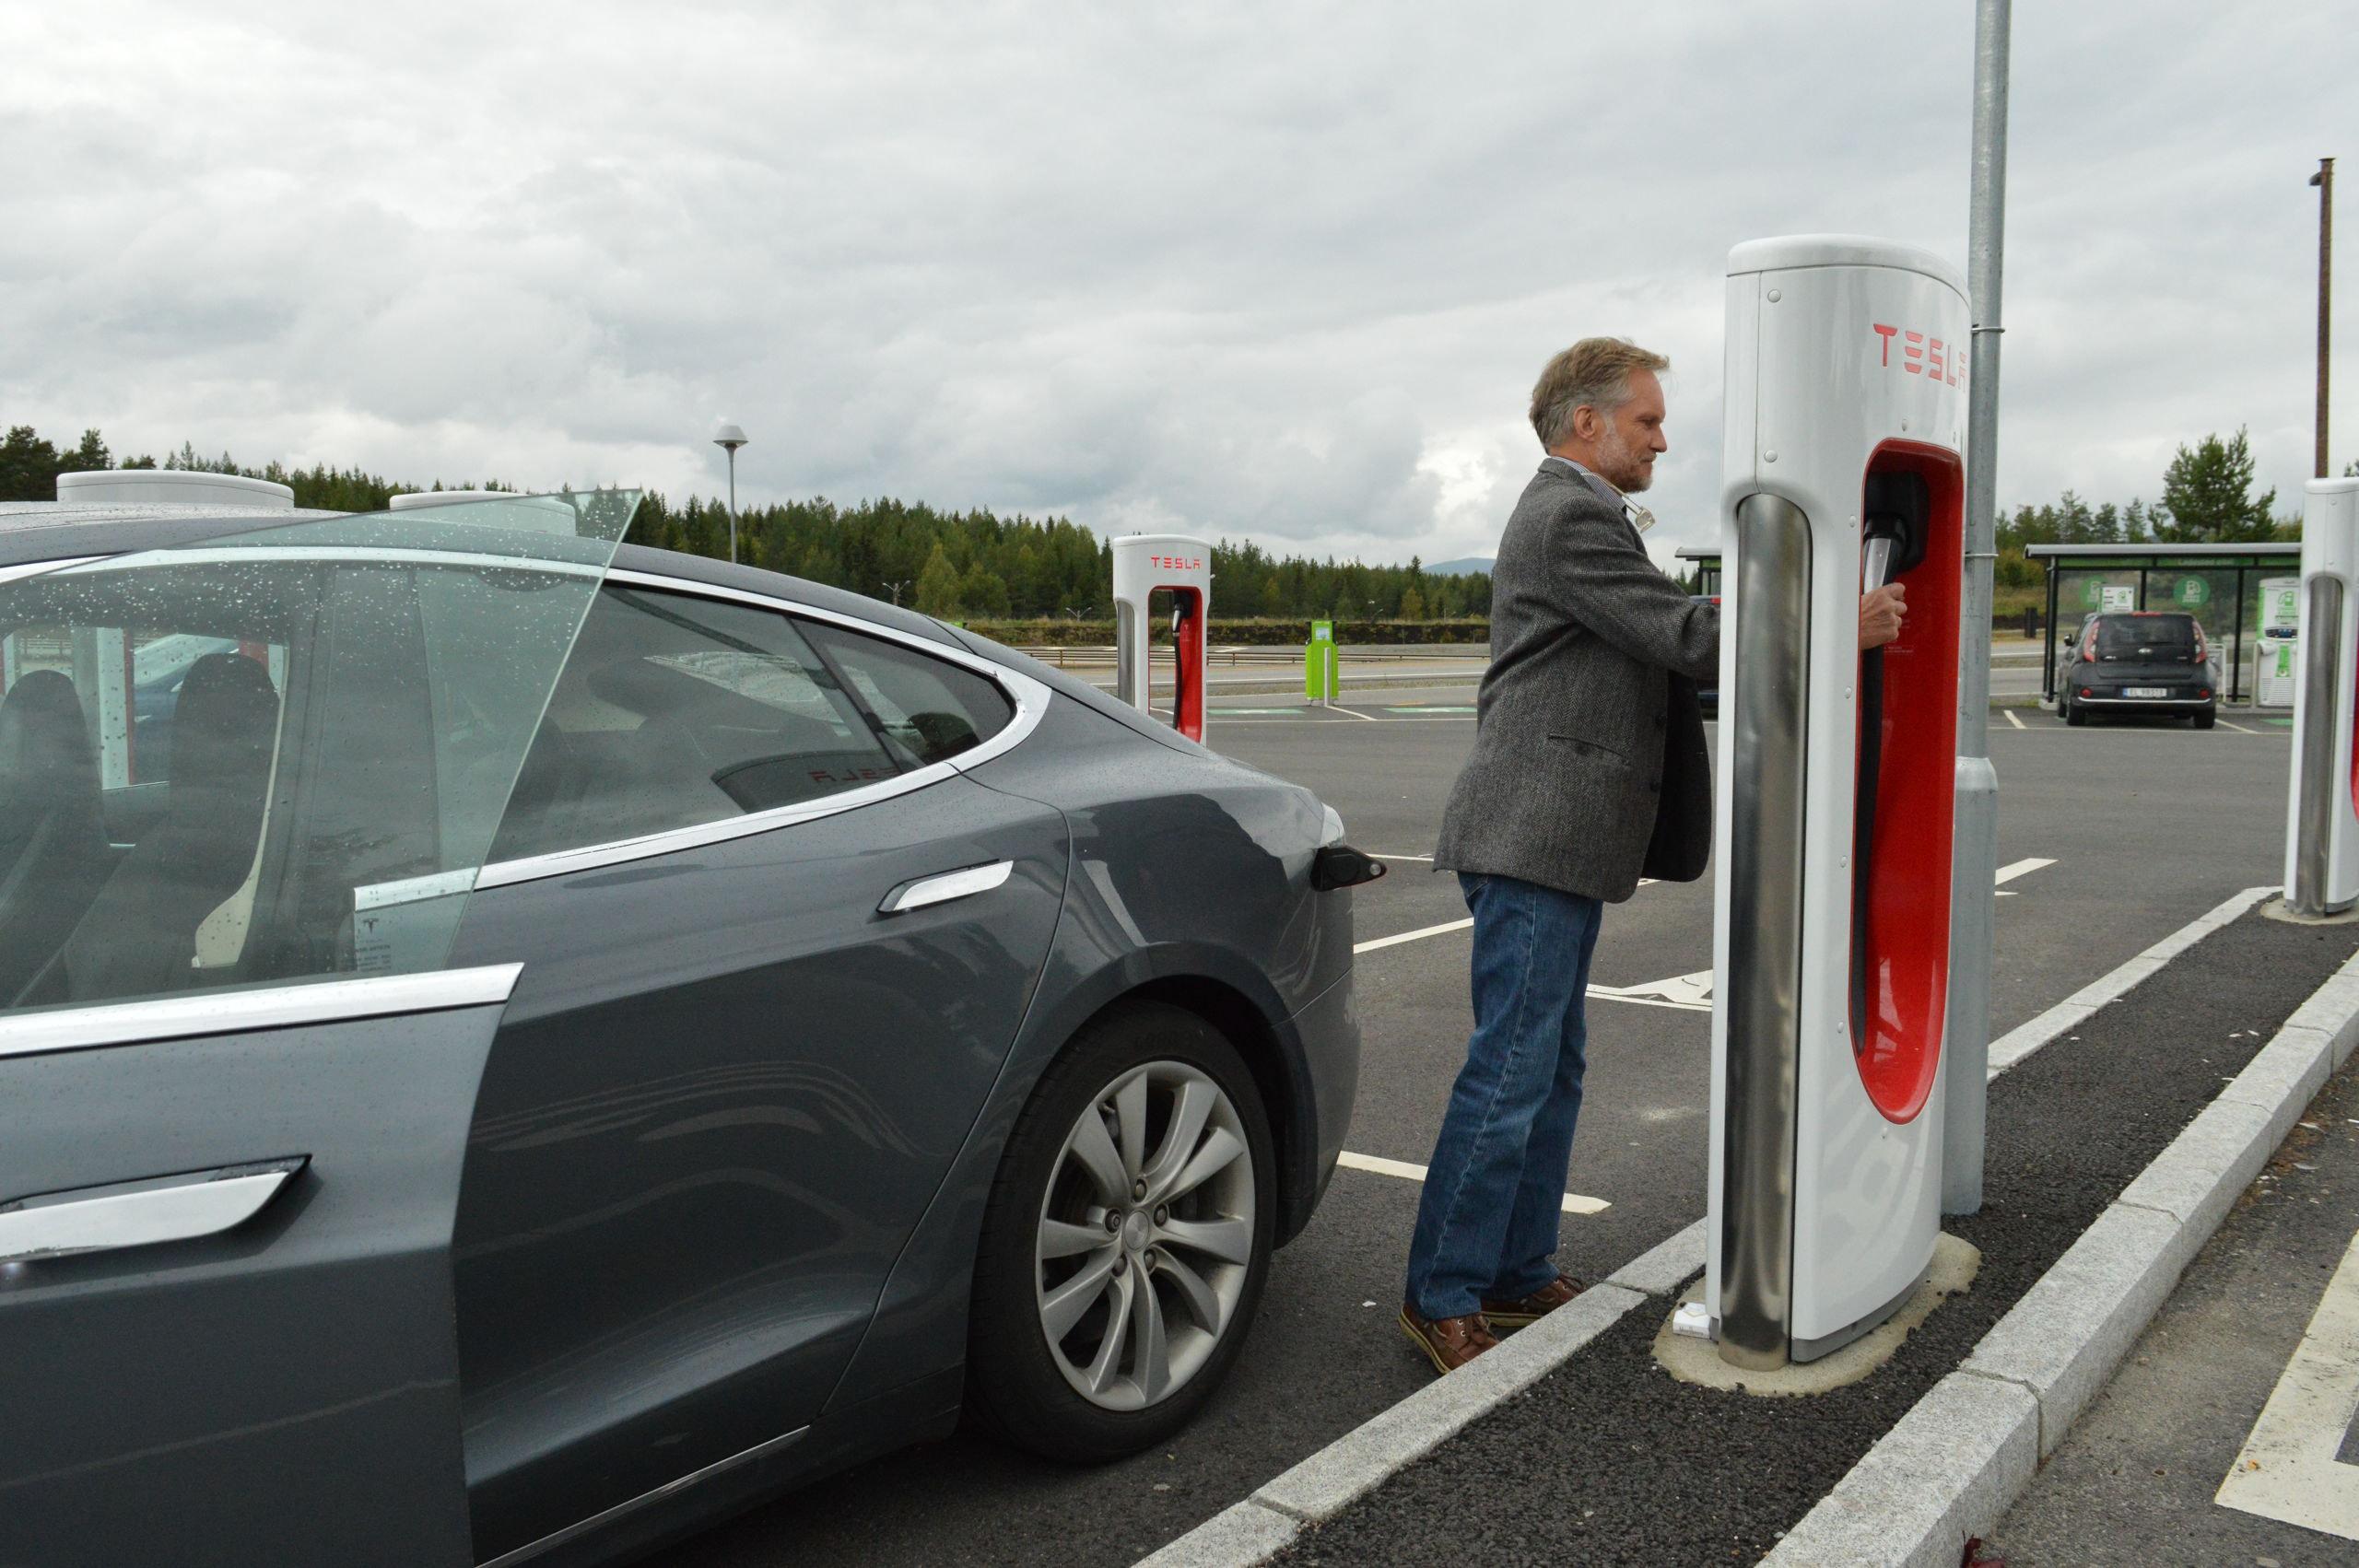 Oliestaat Noorwegen Omarmt De Elektrische Auto